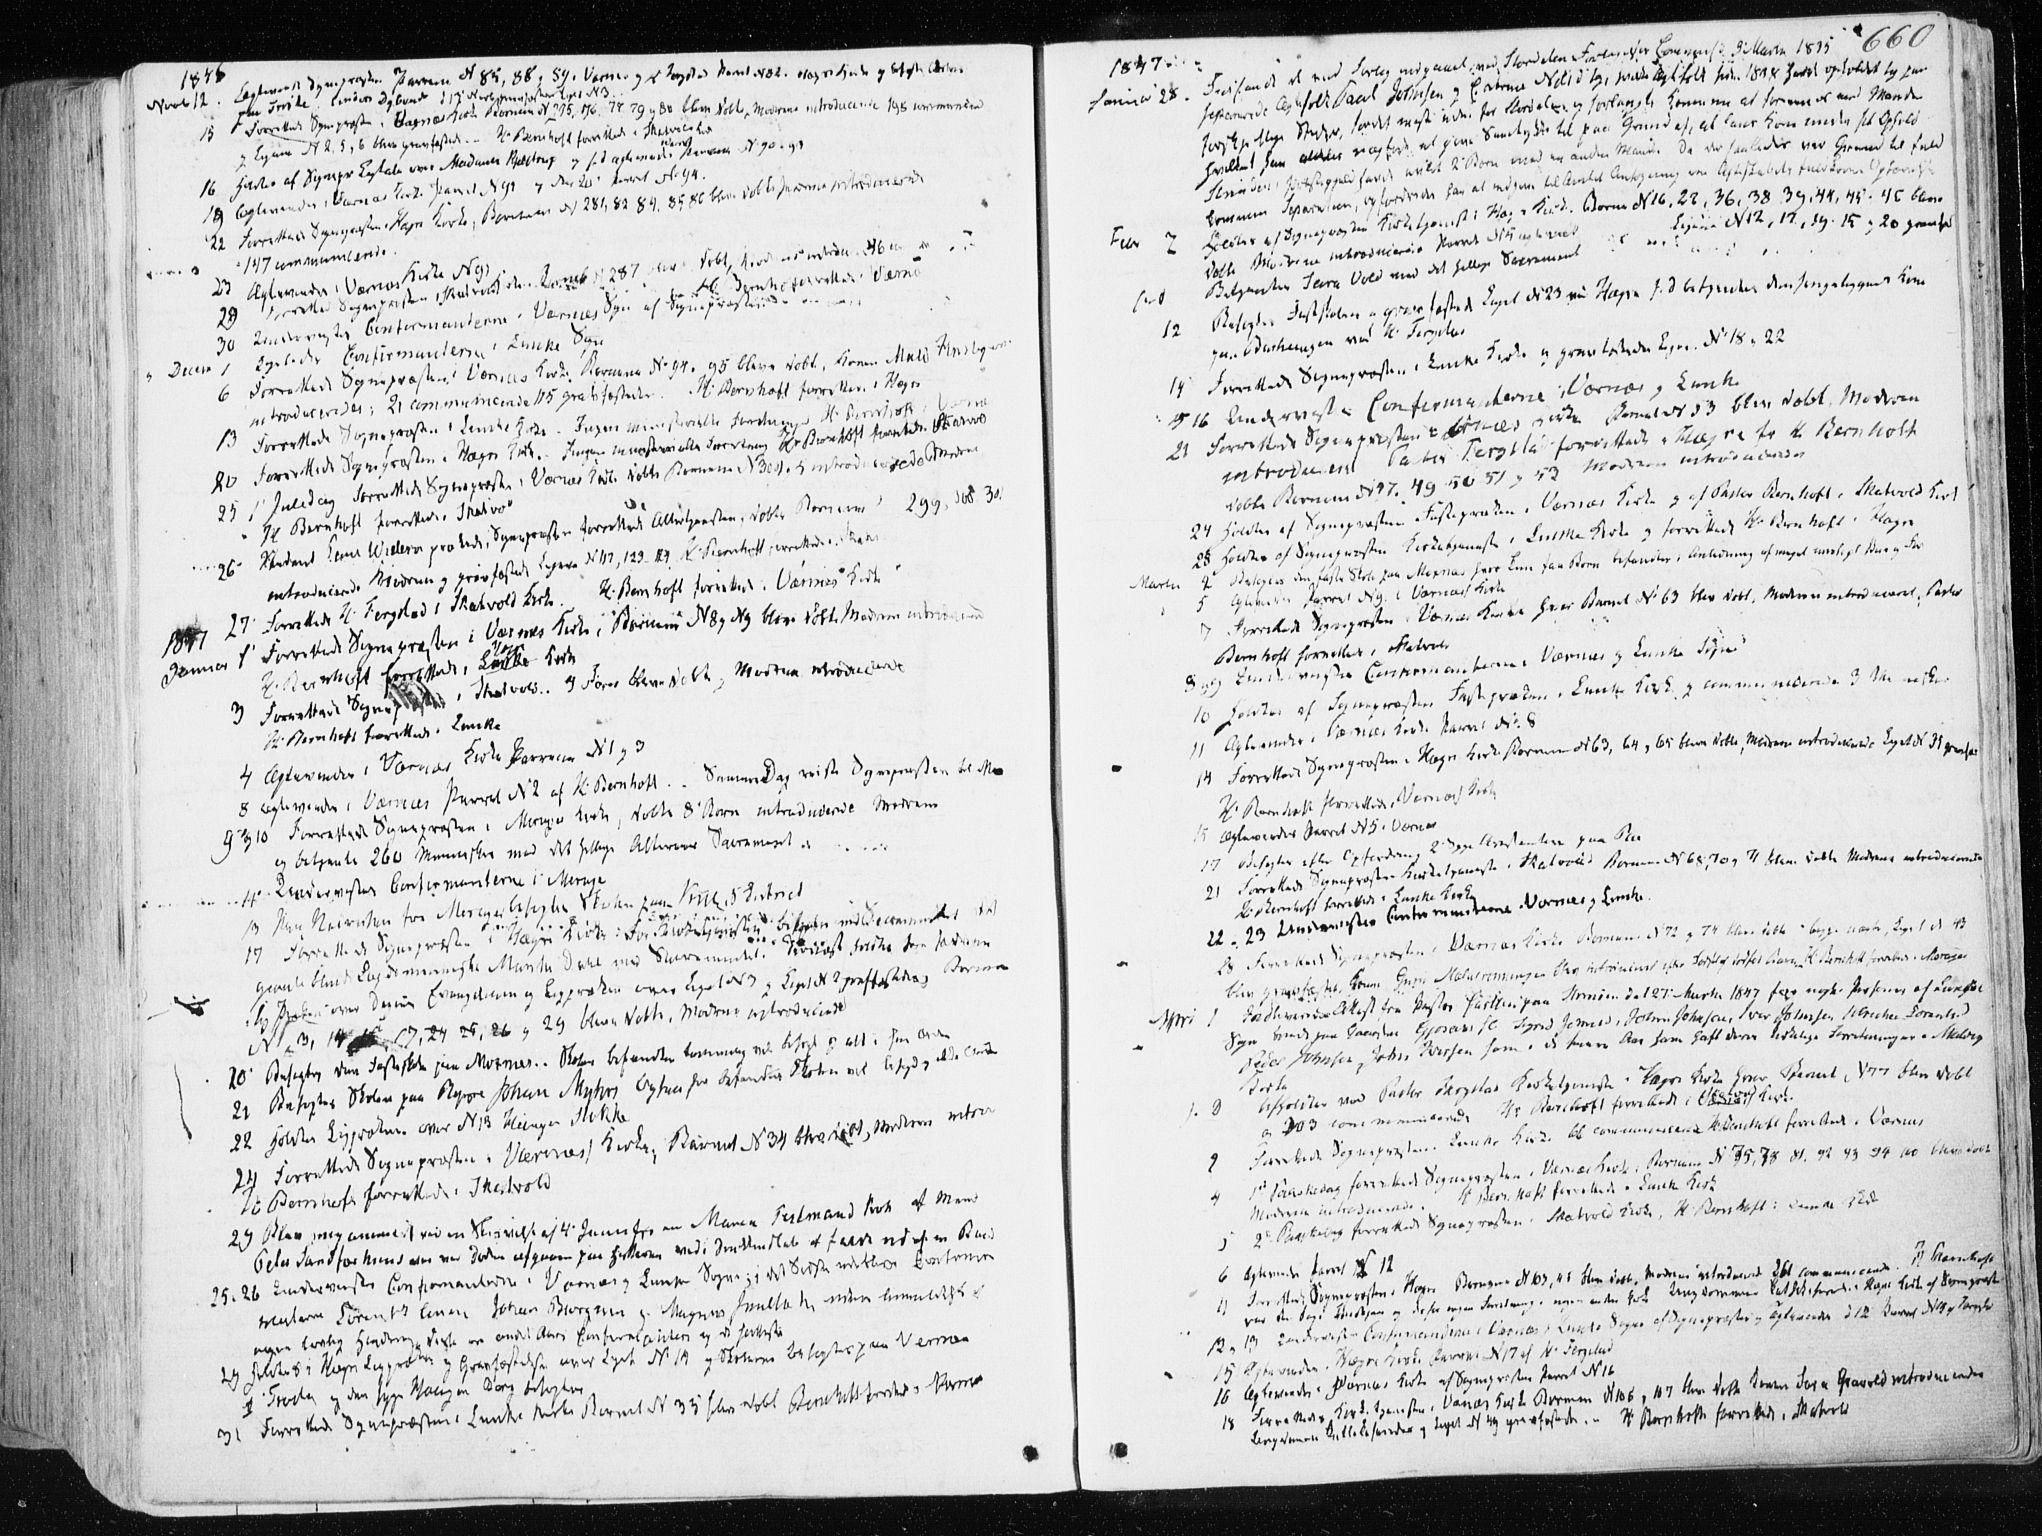 SAT, Ministerialprotokoller, klokkerbøker og fødselsregistre - Nord-Trøndelag, 709/L0074: Ministerialbok nr. 709A14, 1845-1858, s. 660